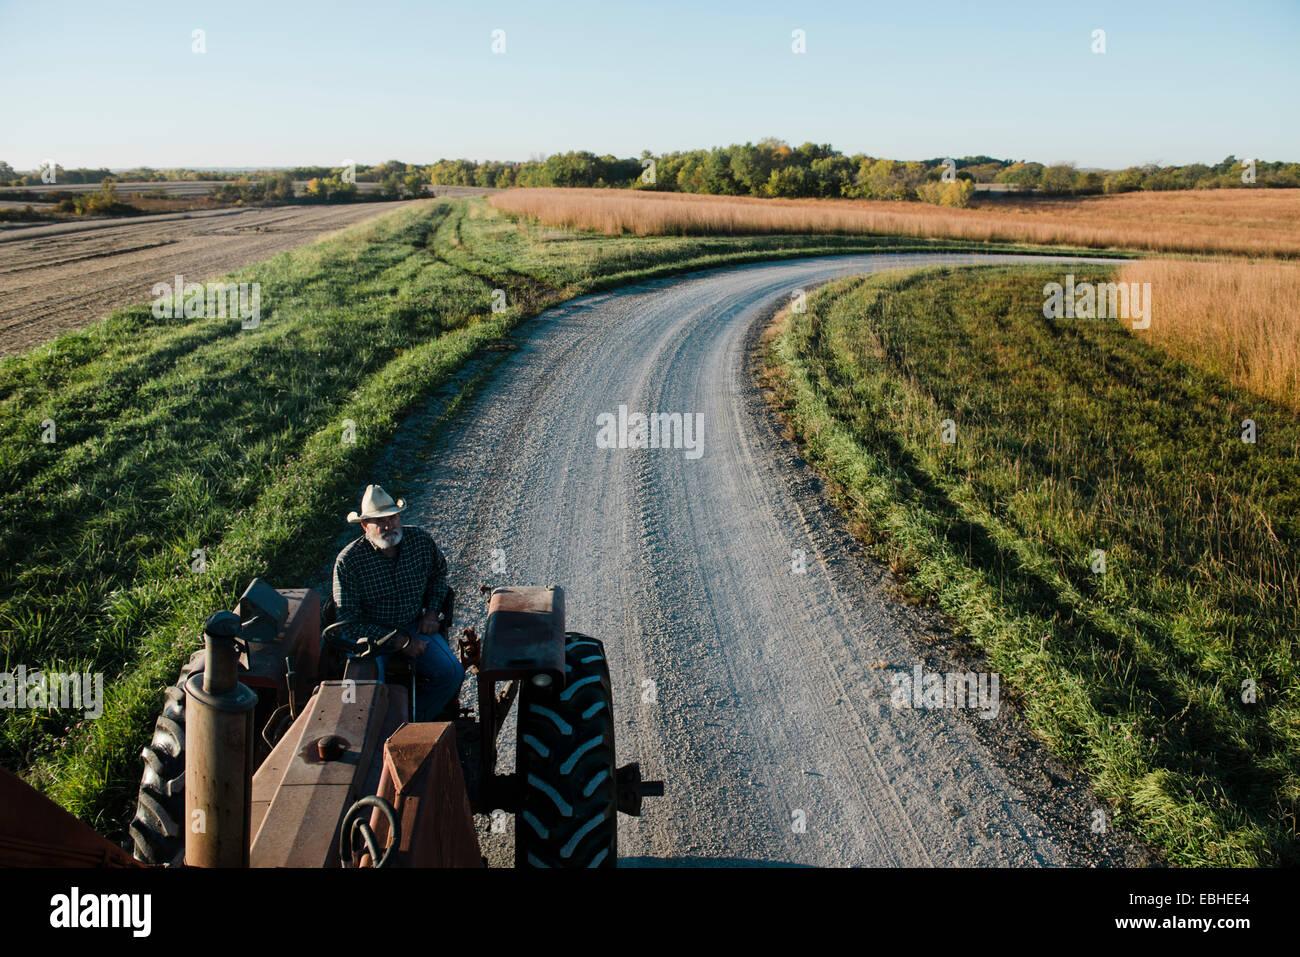 Un alto ángulo de visualización de altos agricultor conducción del tractor en carreteras rurales, Imagen De Stock